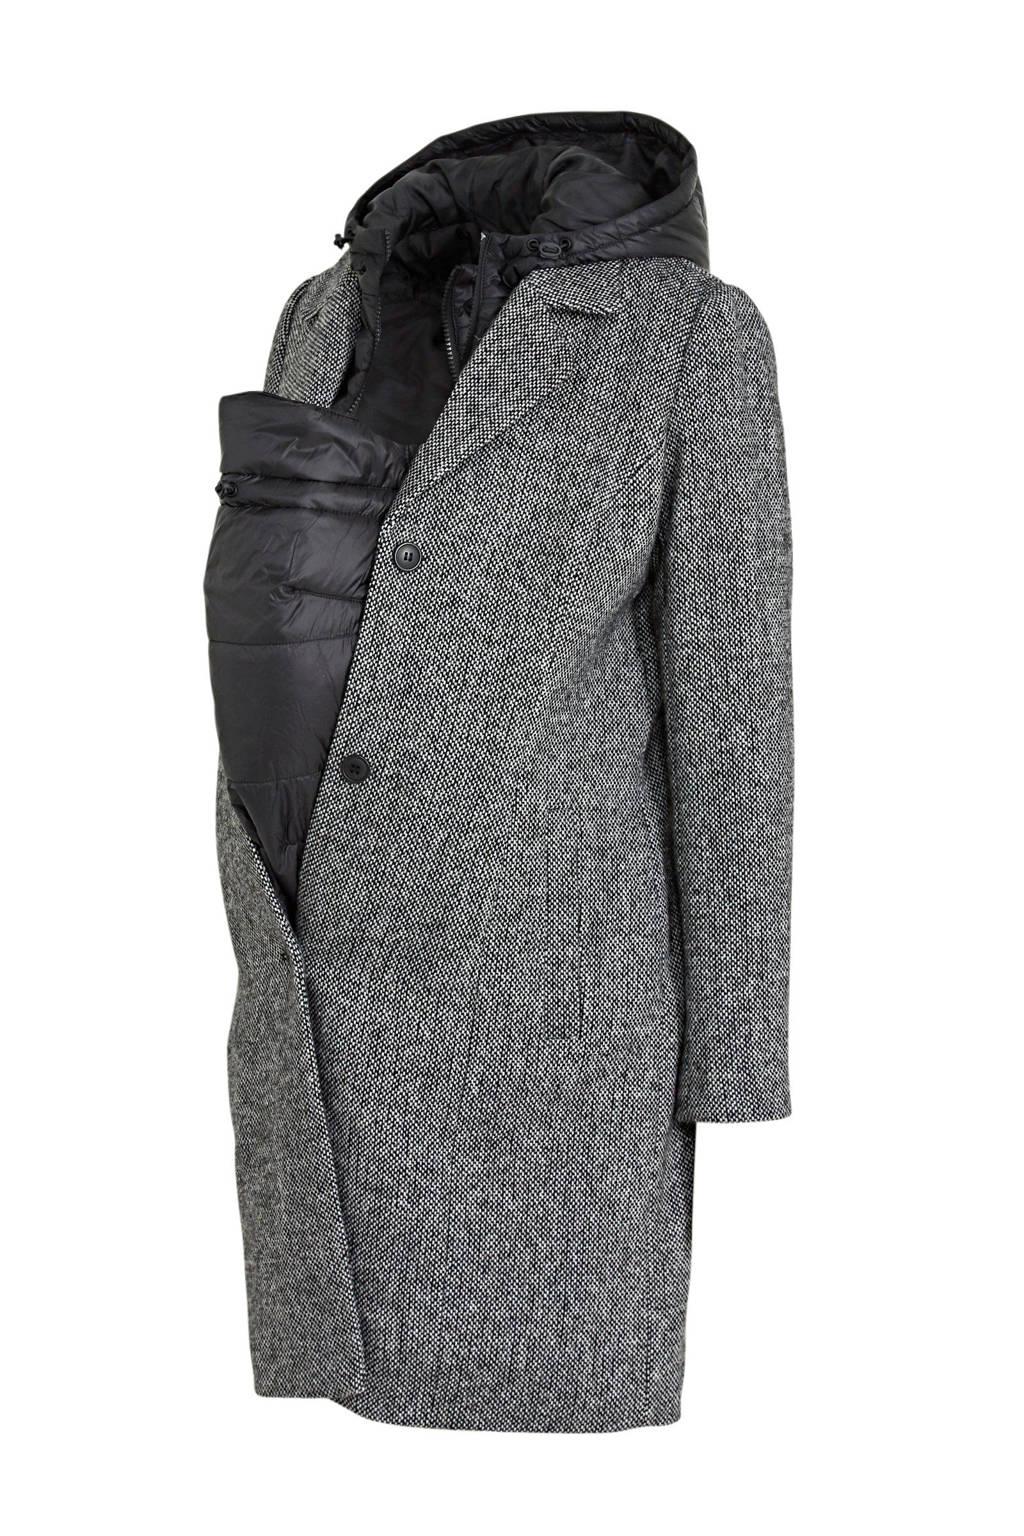 C&A Yessica gemêleerde zwangerschapsjas coat winter zwart melée - draagjas, Zwart melée